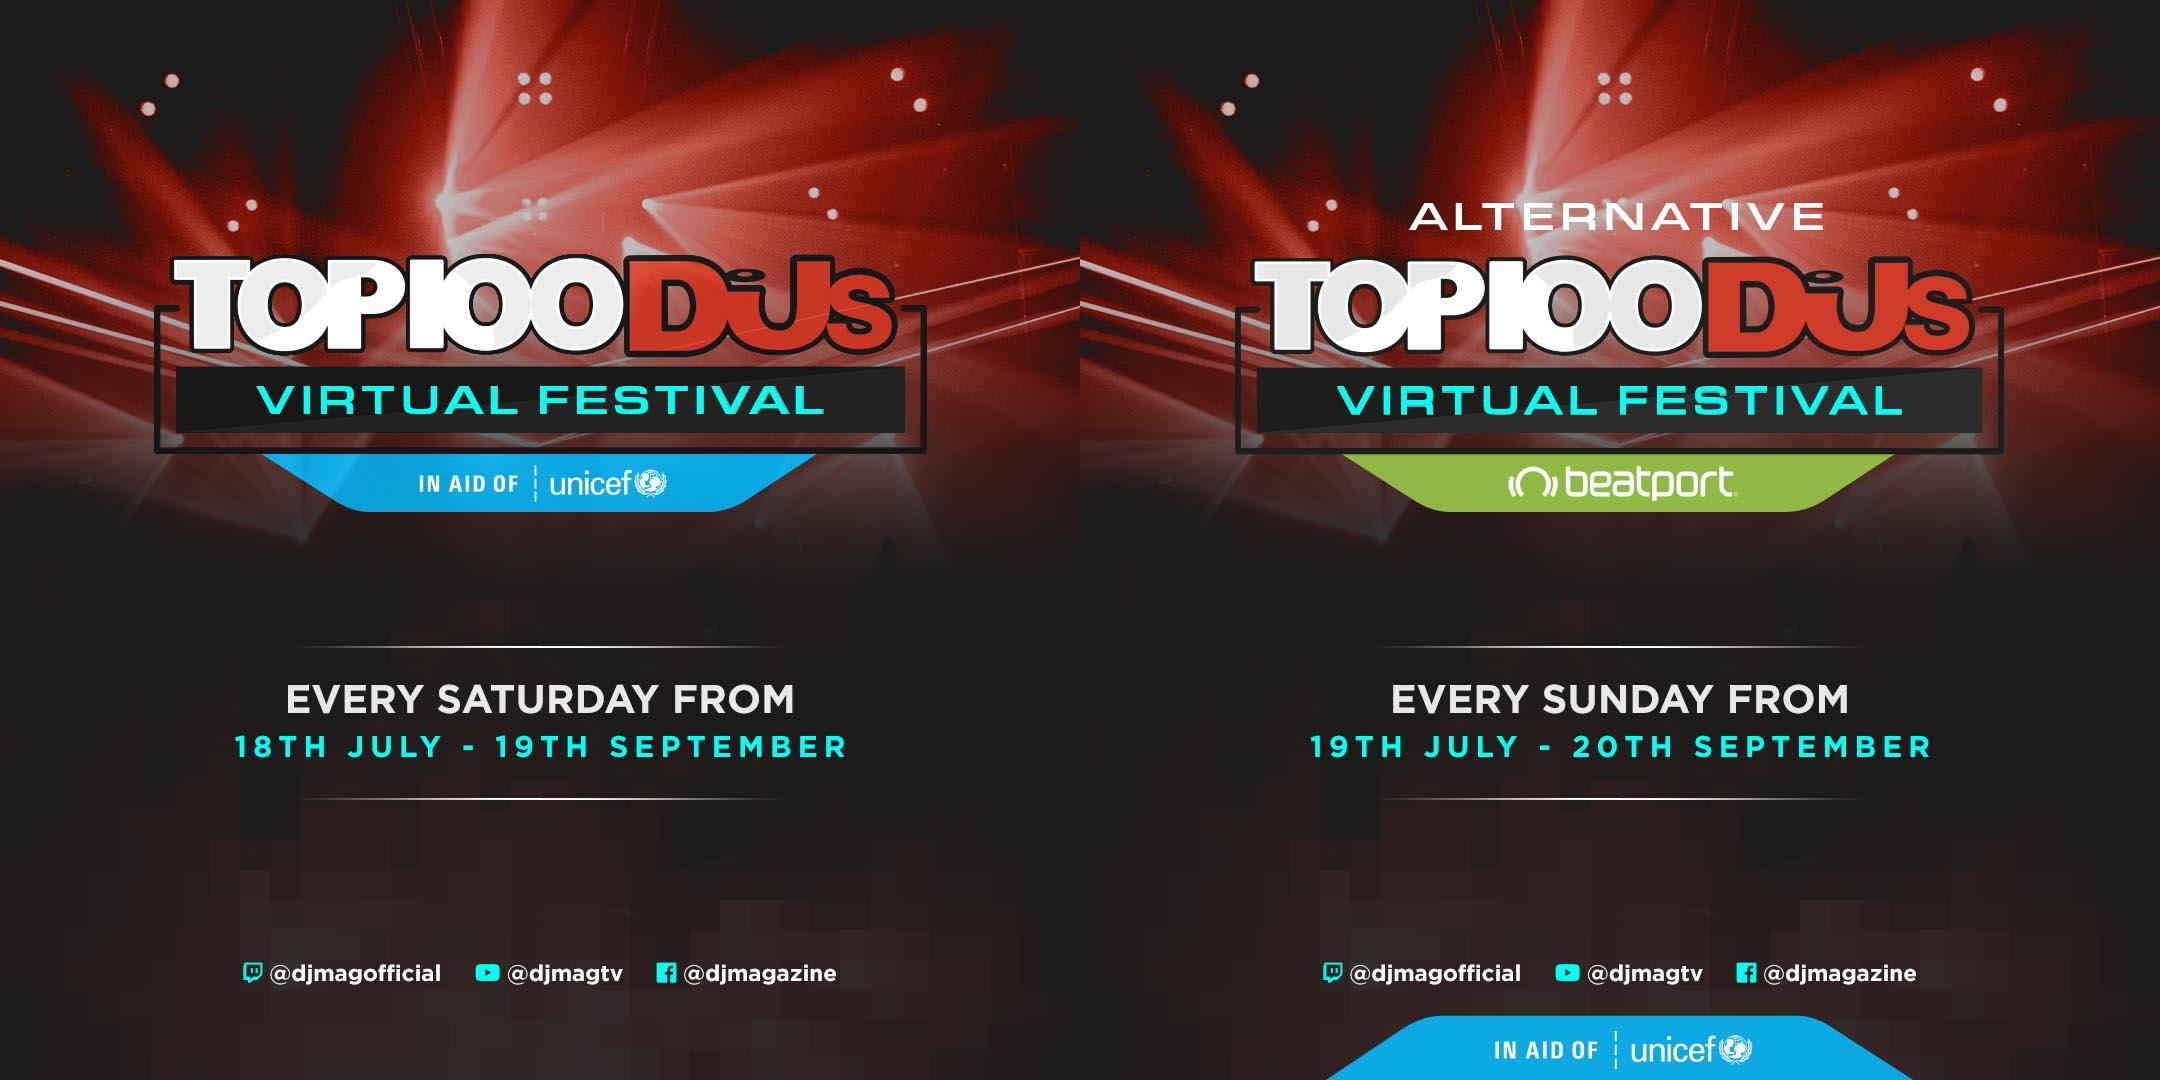 DJMag Top 100 Virtual Festival